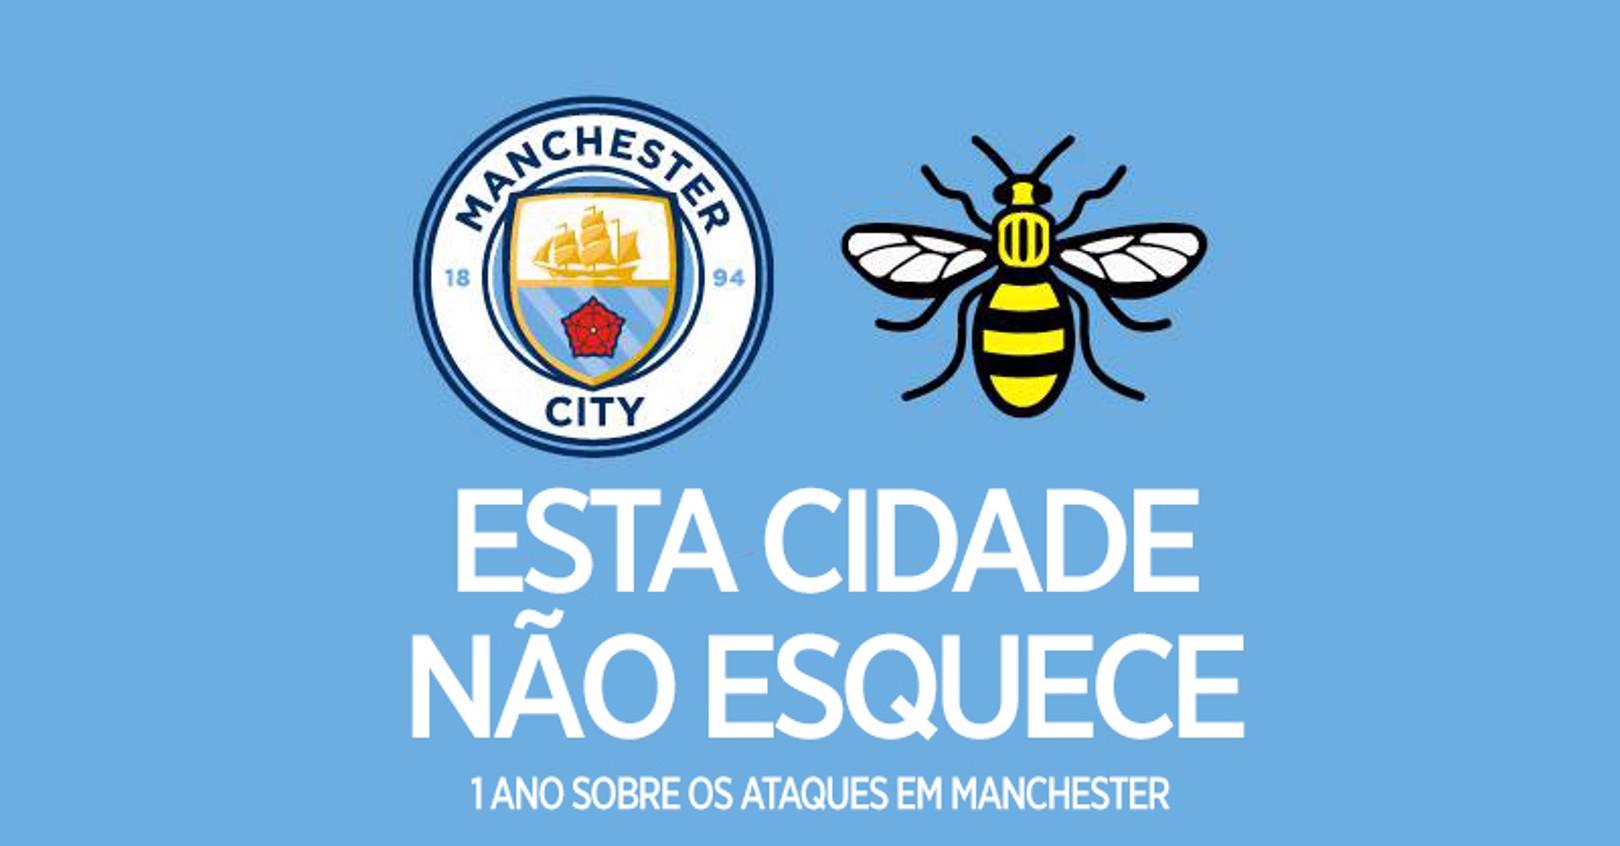 Manchester não esquece